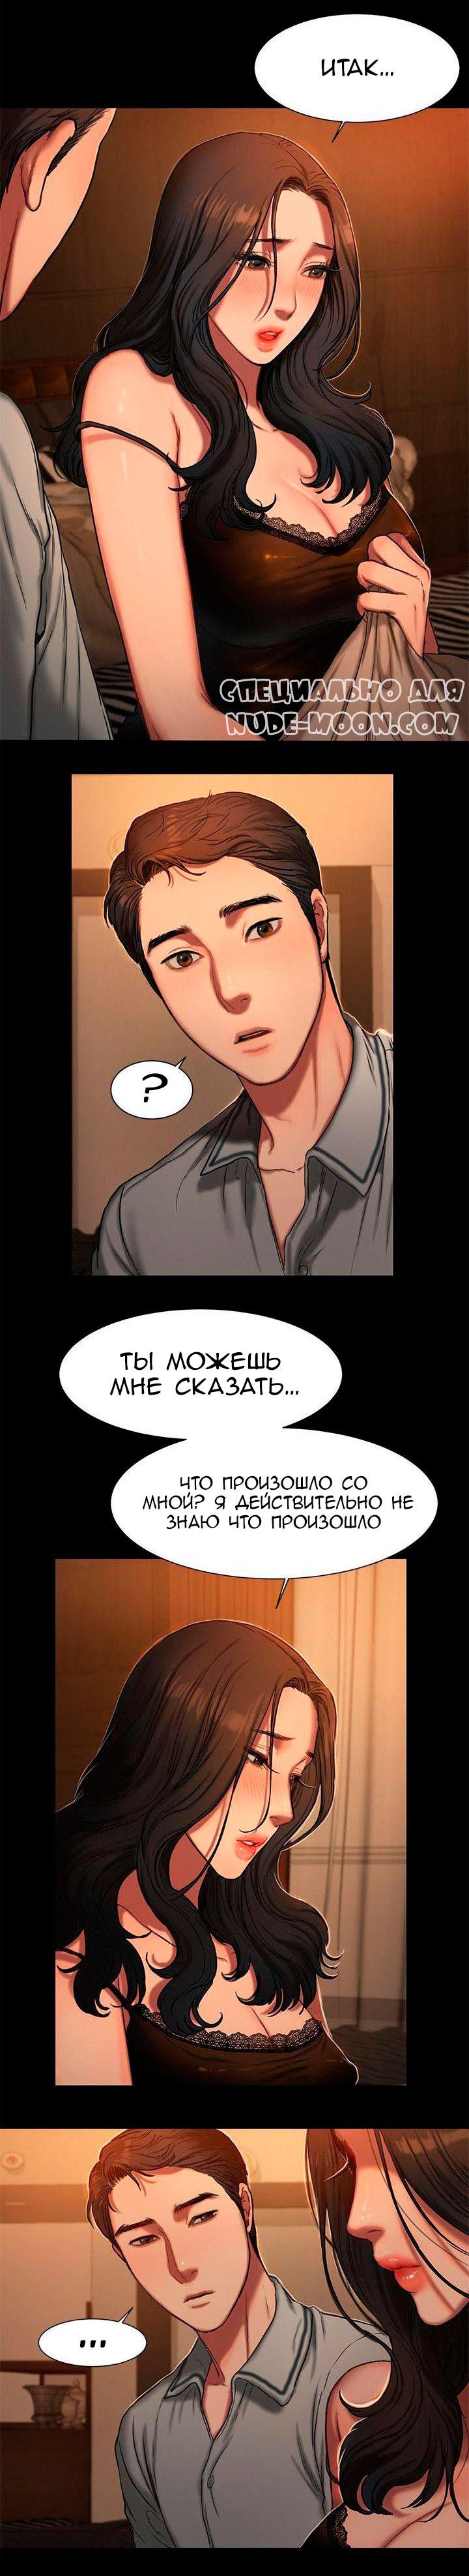 Убегай, часть 3 - манхва на русском языке Измена, Мастурбация, Насилие, Хентай манга, манхва